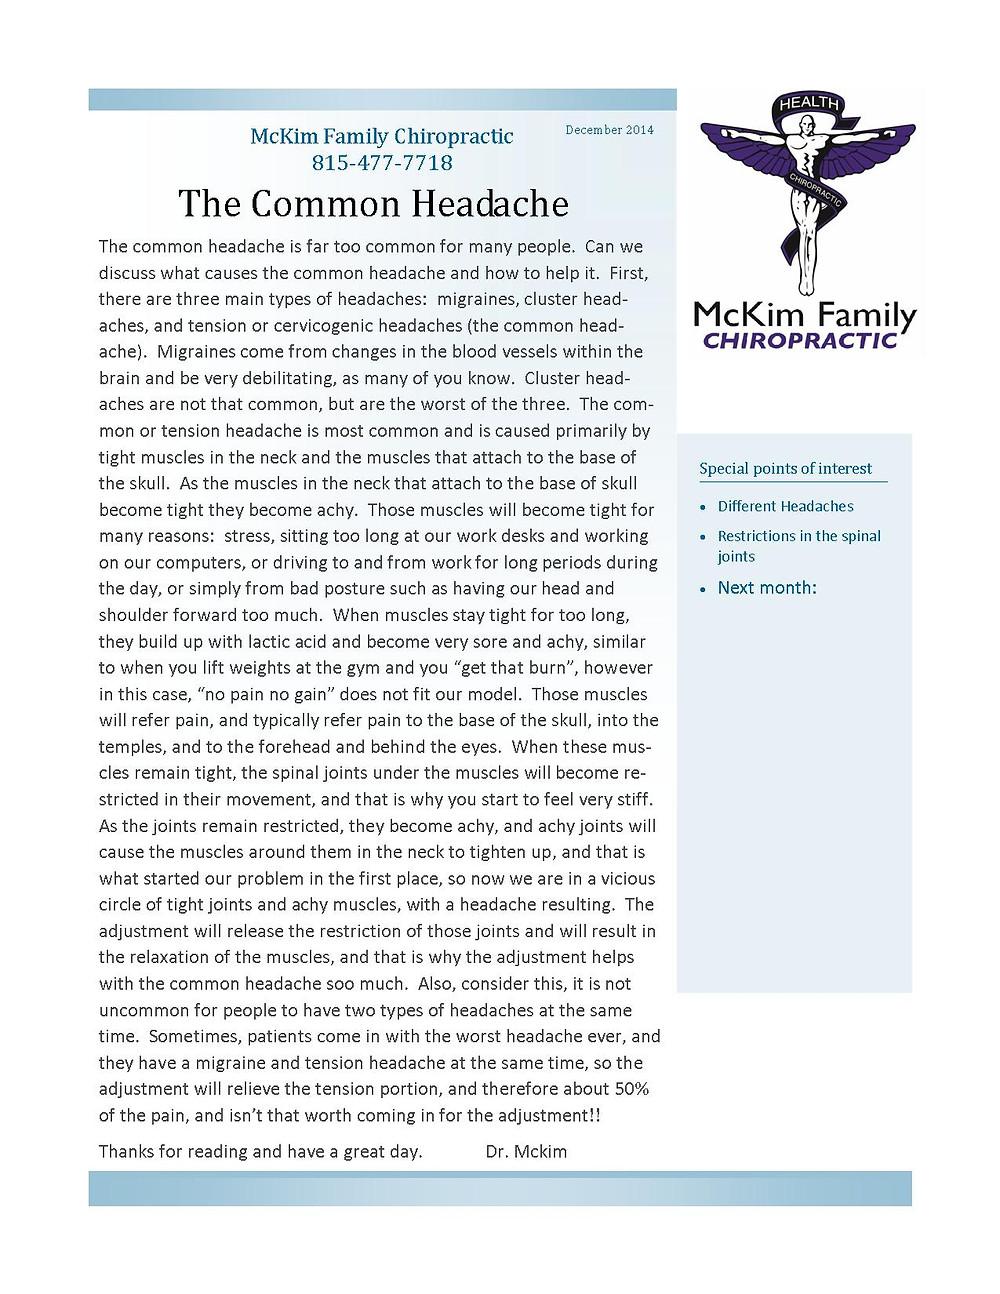 Newsletter December 2014.jpg